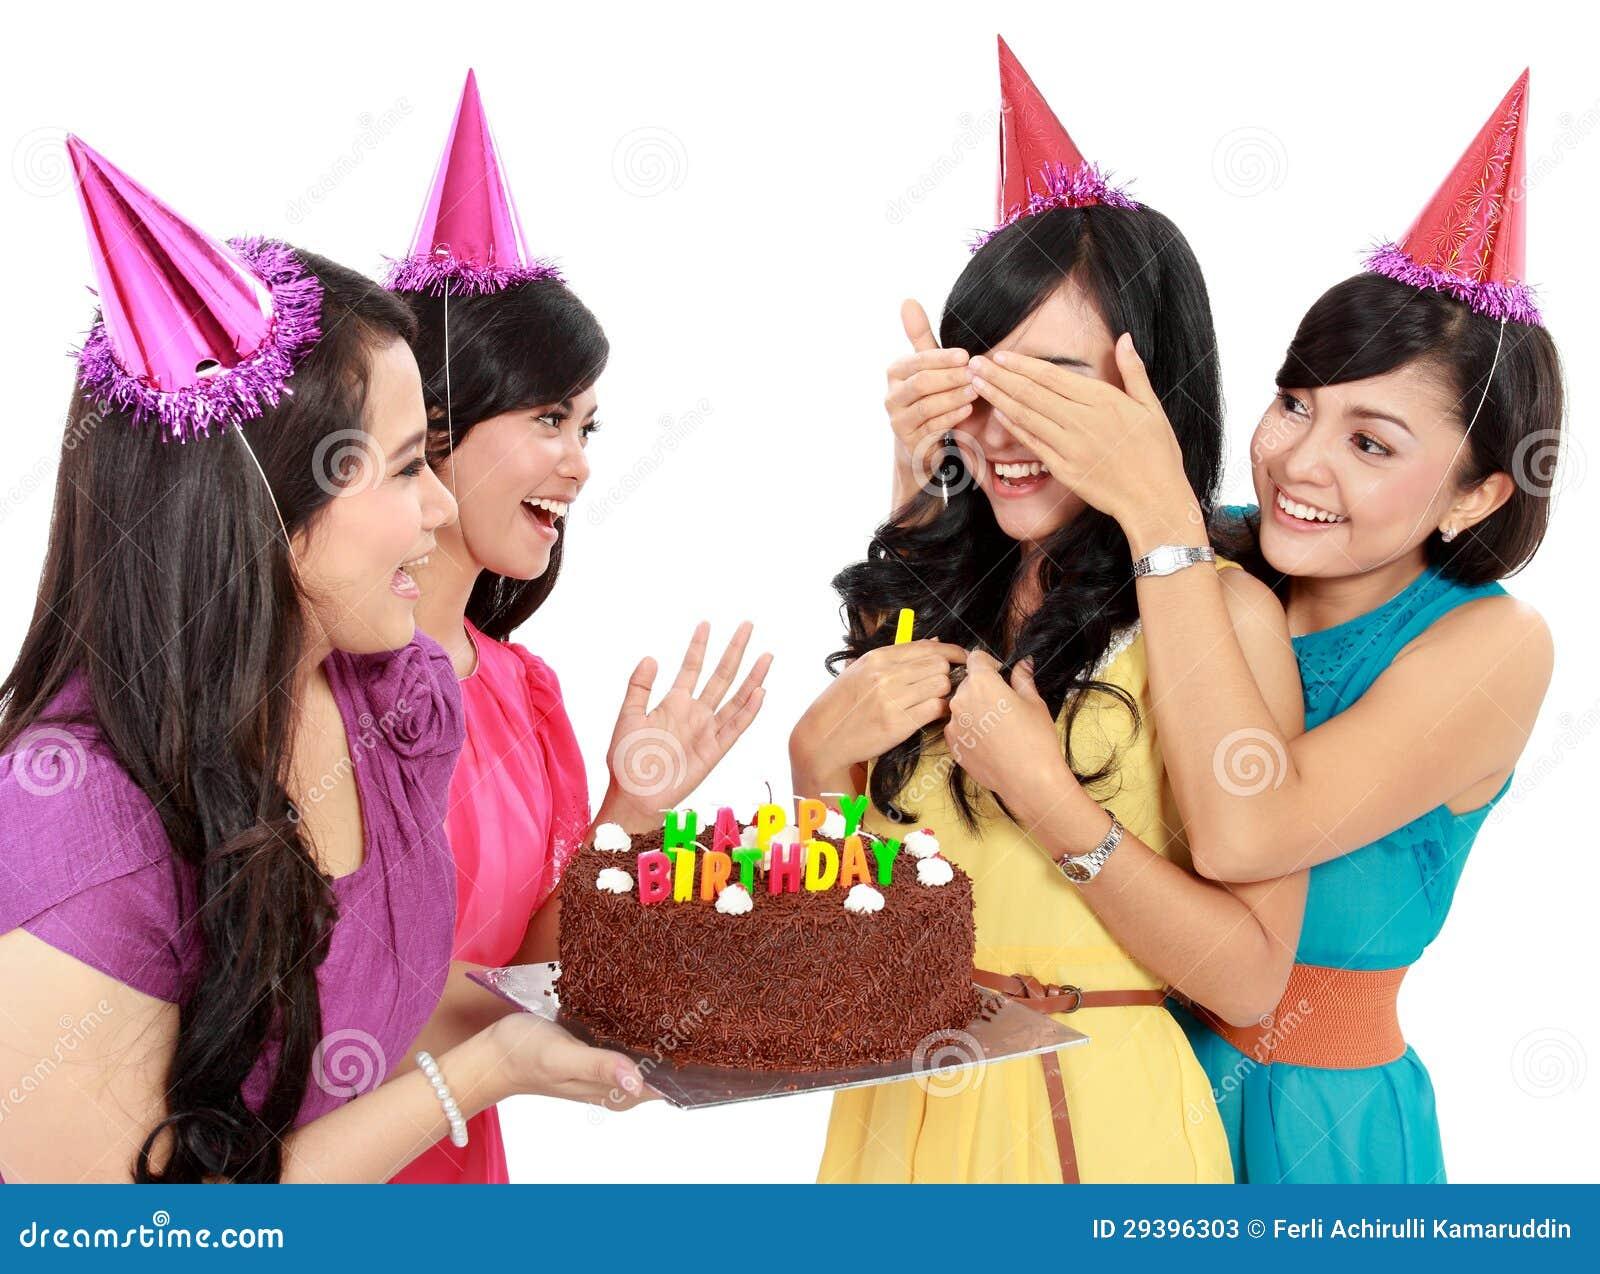 De Verrassing Van De Verjaardag Stock Afbeelding Afbeelding